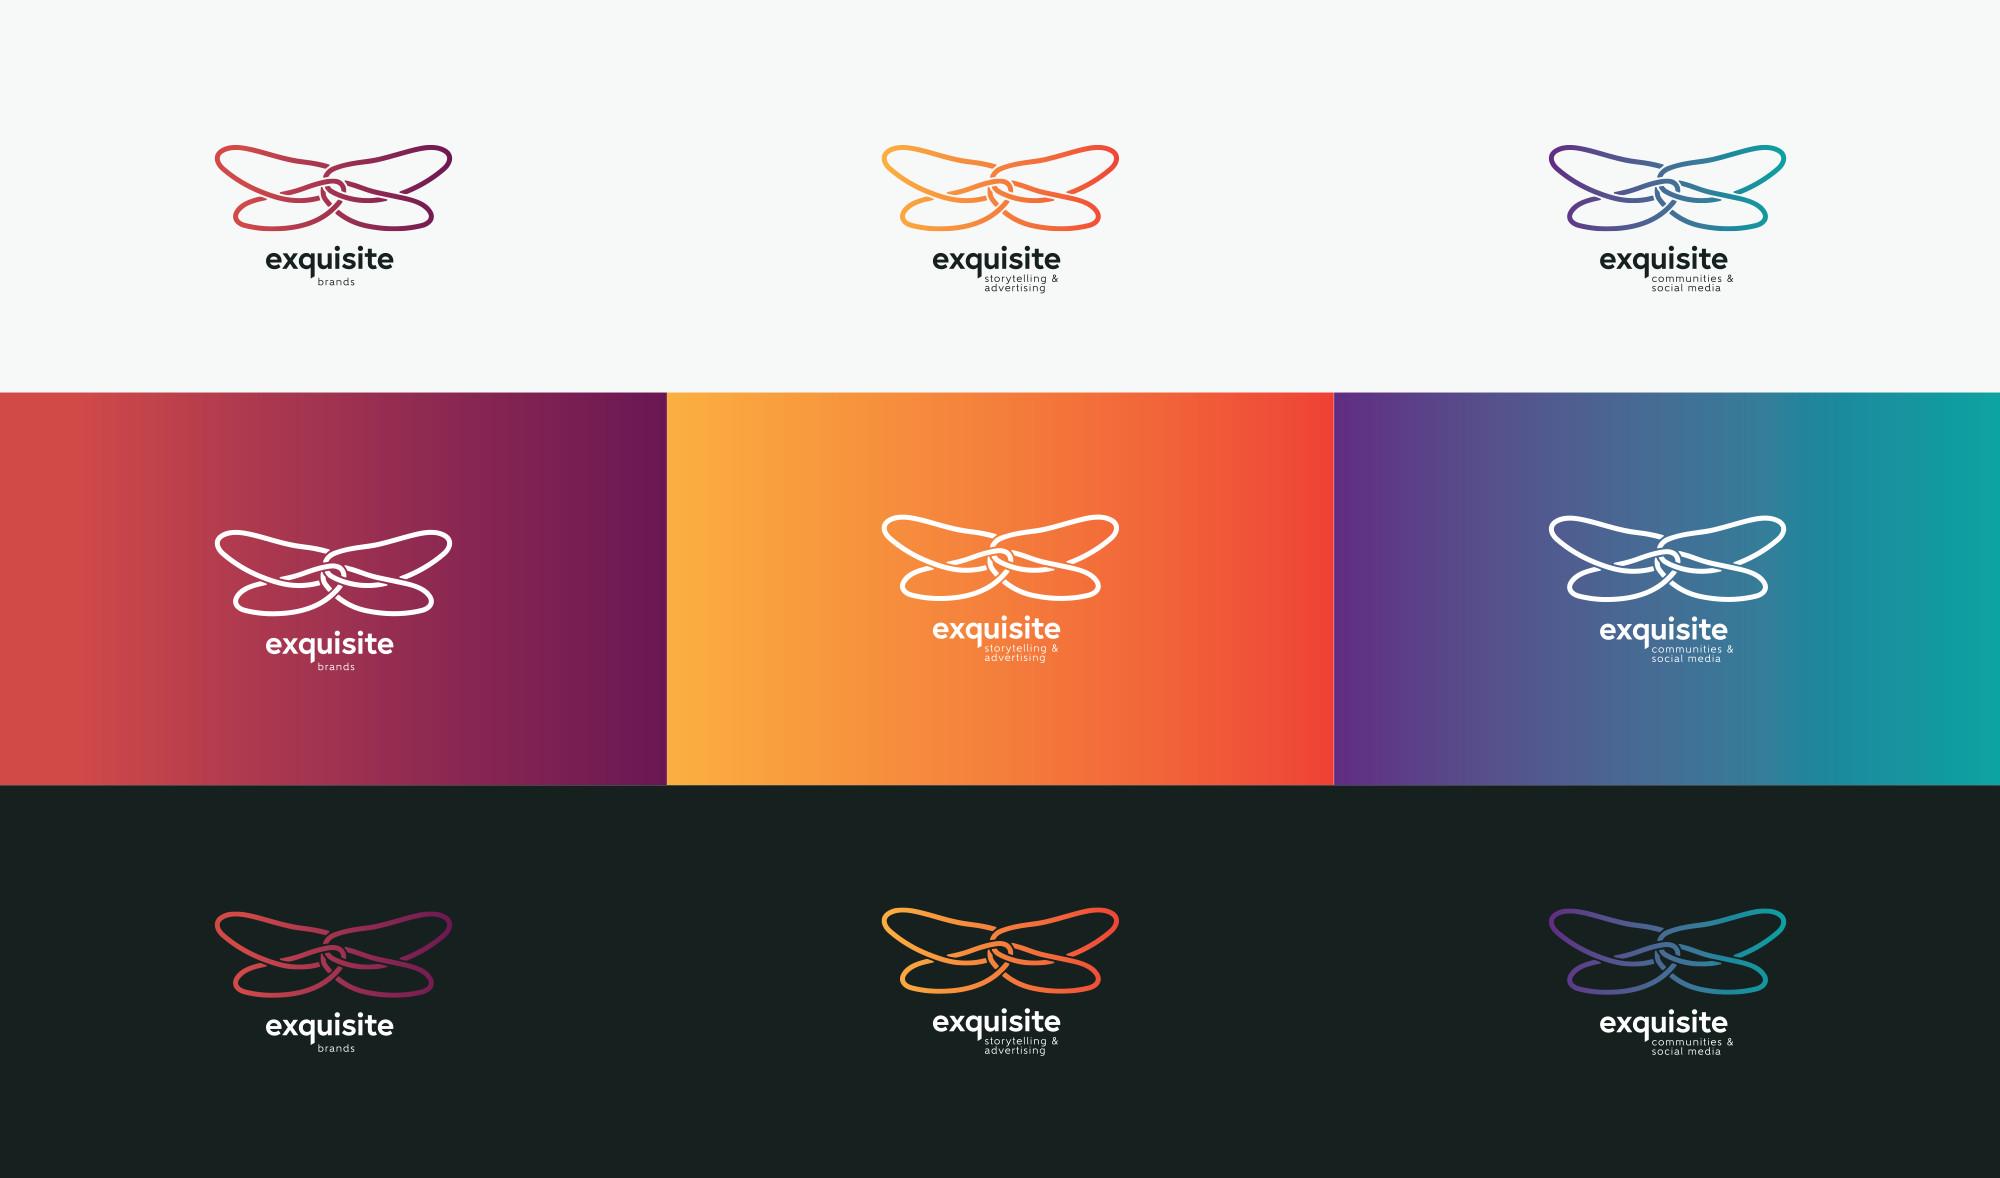 exquisite-logos